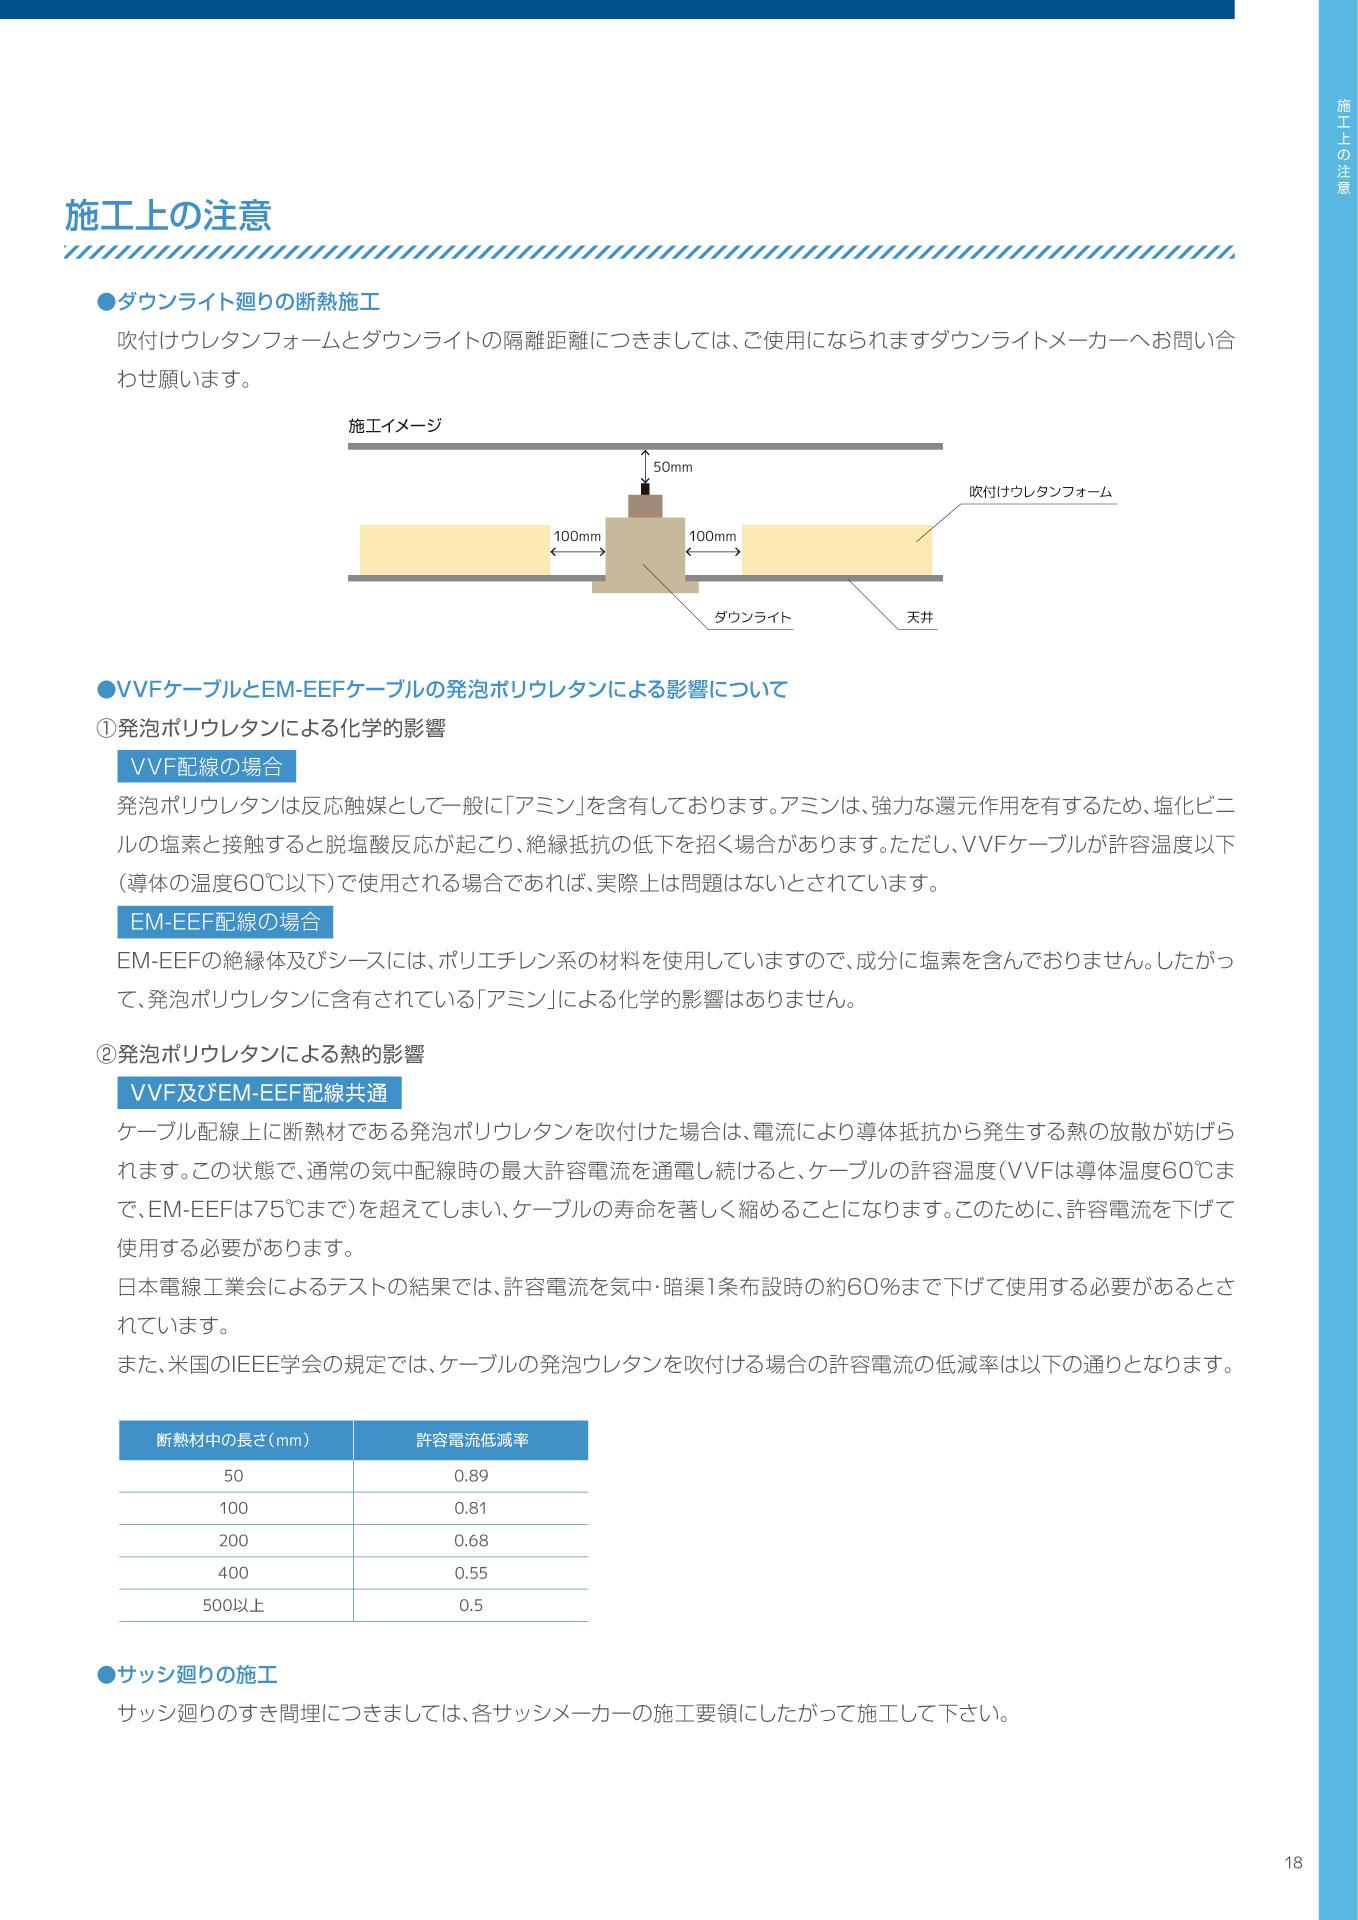 木造住宅用施工マニュアルP18